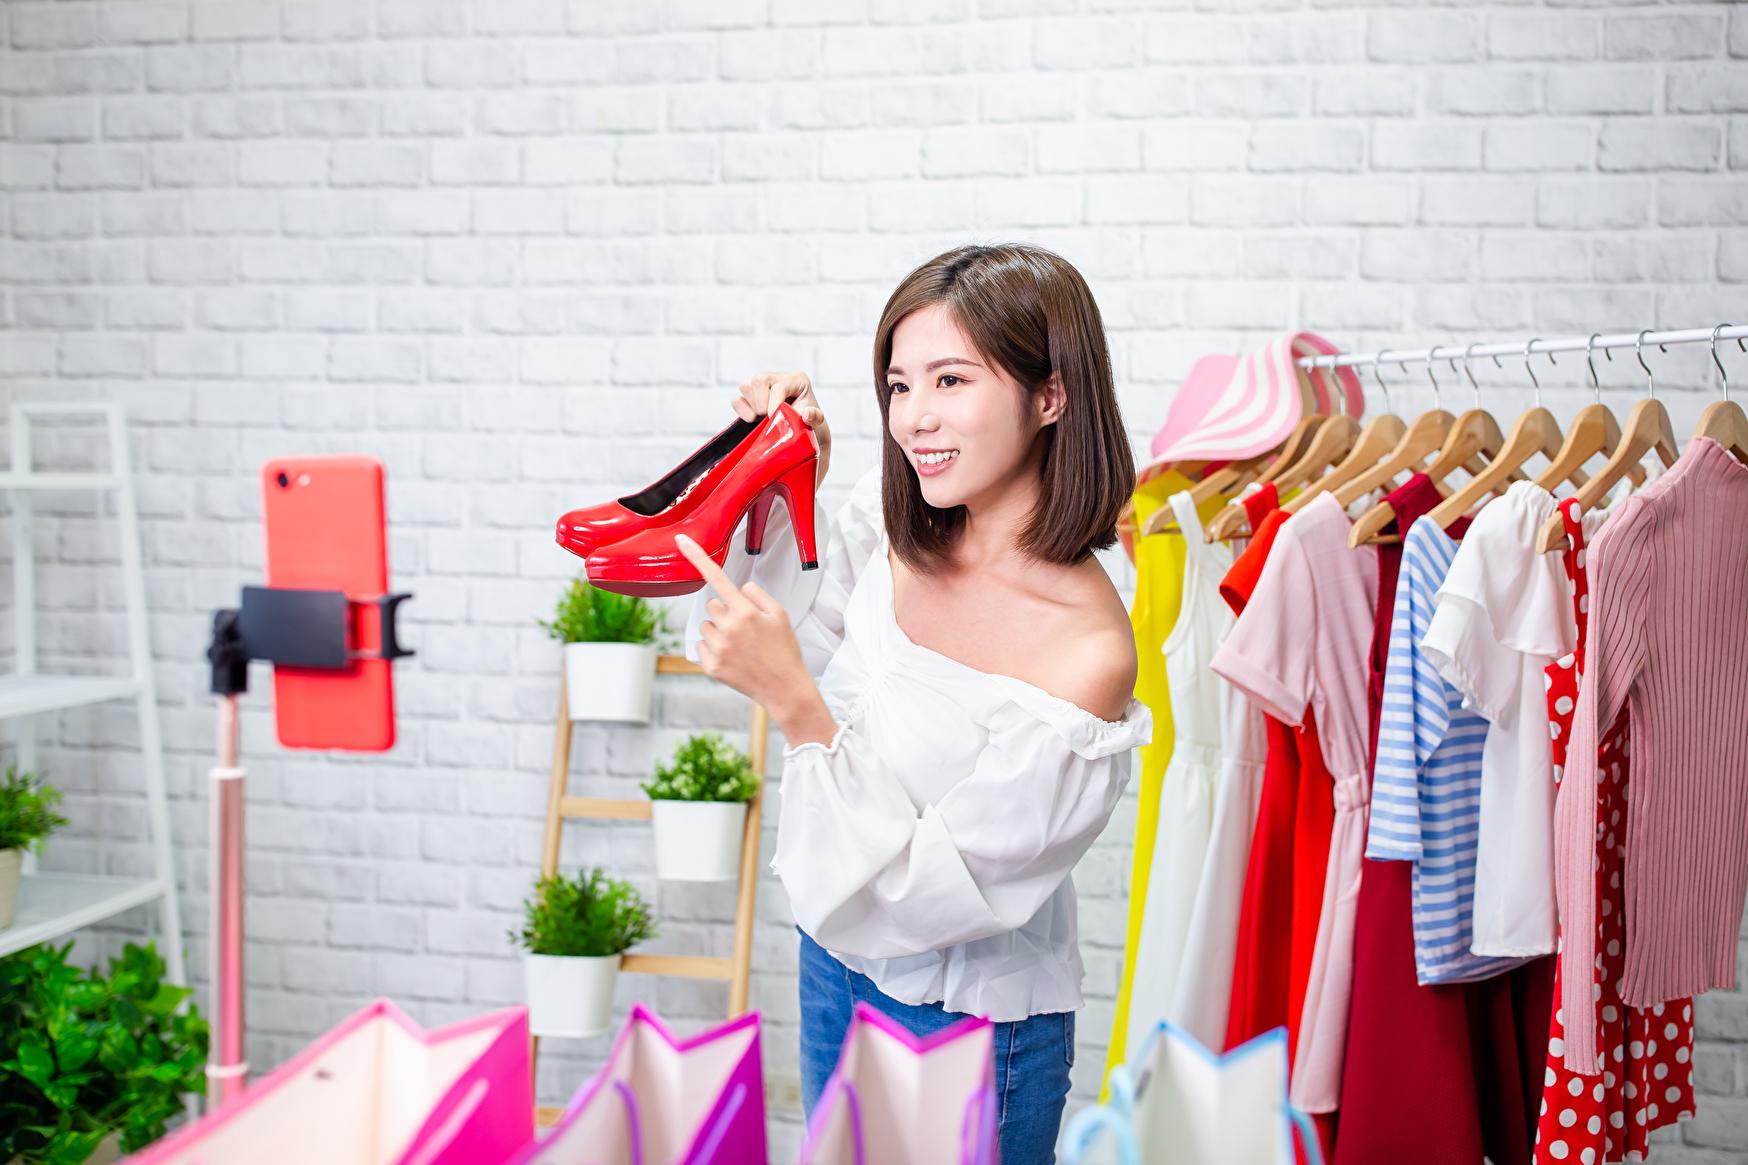 Hướng dẫn kinh doanh quần áo online